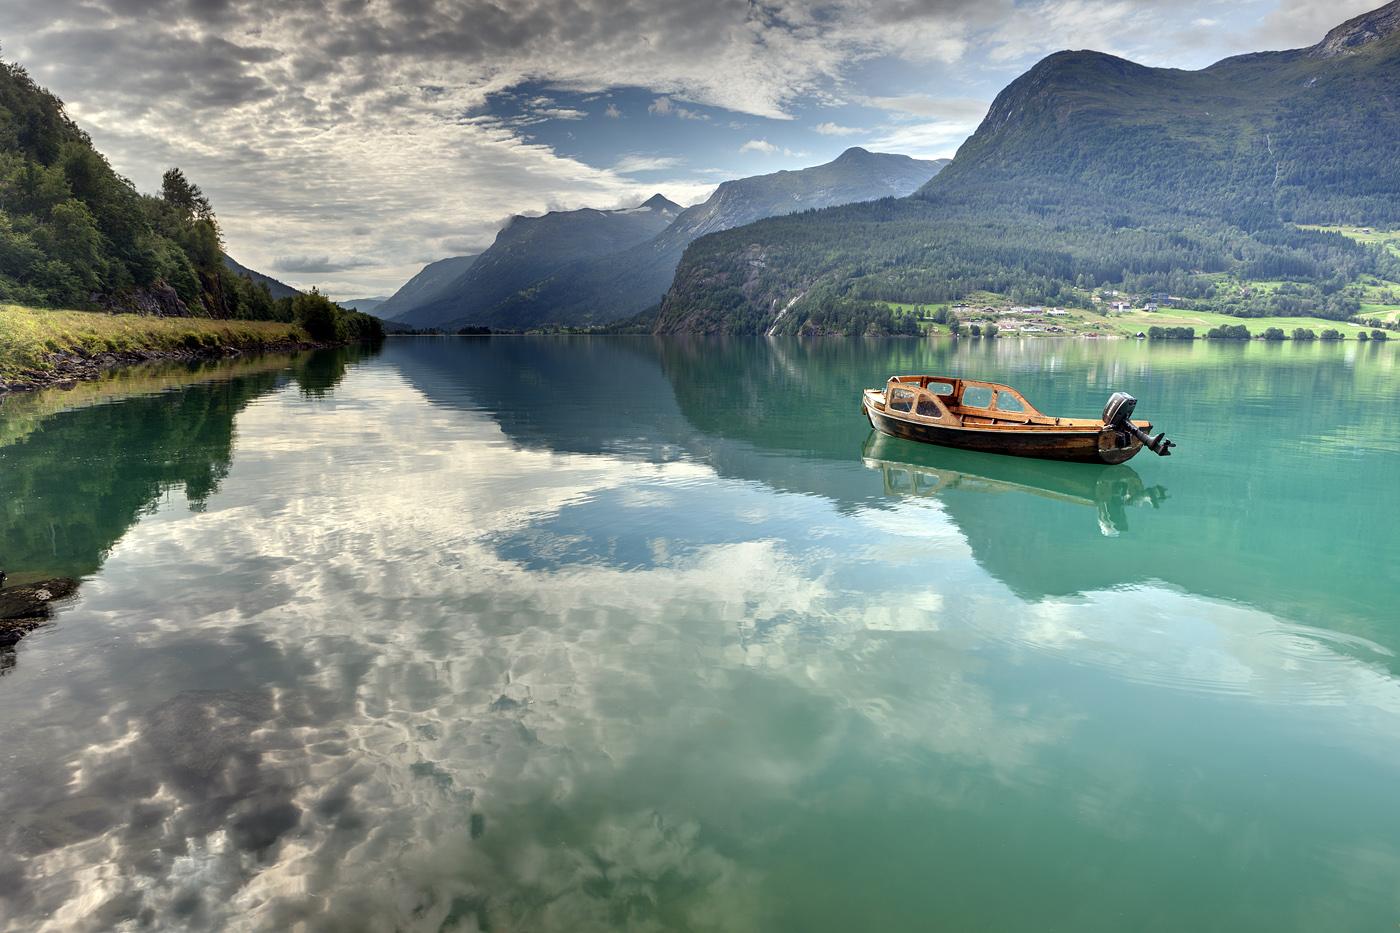 Роскошные пейзажи Норвегии - Страница 14 D6l4xw8-de084e8a-f239-44ff-a990-23b320ddd50c.jpg?token=eyJ0eXAiOiJKV1QiLCJhbGciOiJIUzI1NiJ9.eyJzdWIiOiJ1cm46YXBwOjdlMGQxODg5ODIyNjQzNzNhNWYwZDQxNWVhMGQyNmUwIiwiaXNzIjoidXJuOmFwcDo3ZTBkMTg4OTgyMjY0MzczYTVmMGQ0MTVlYTBkMjZlMCIsIm9iaiI6W1t7InBhdGgiOiJcL2ZcLzI5NDM4MmUzLTQ1YzEtNDZmZi1iZTY2LWU1NDMyNDA0NjgxNlwvZDZsNHh3OC1kZTA4NGU4YS1mMjM5LTQ0ZmYtYTk5MC0yM2IzMjBkZGQ1MGMuanBnIn1dXSwiYXVkIjpbInVybjpzZXJ2aWNlOmZpbGUuZG93bmxvYWQiXX0